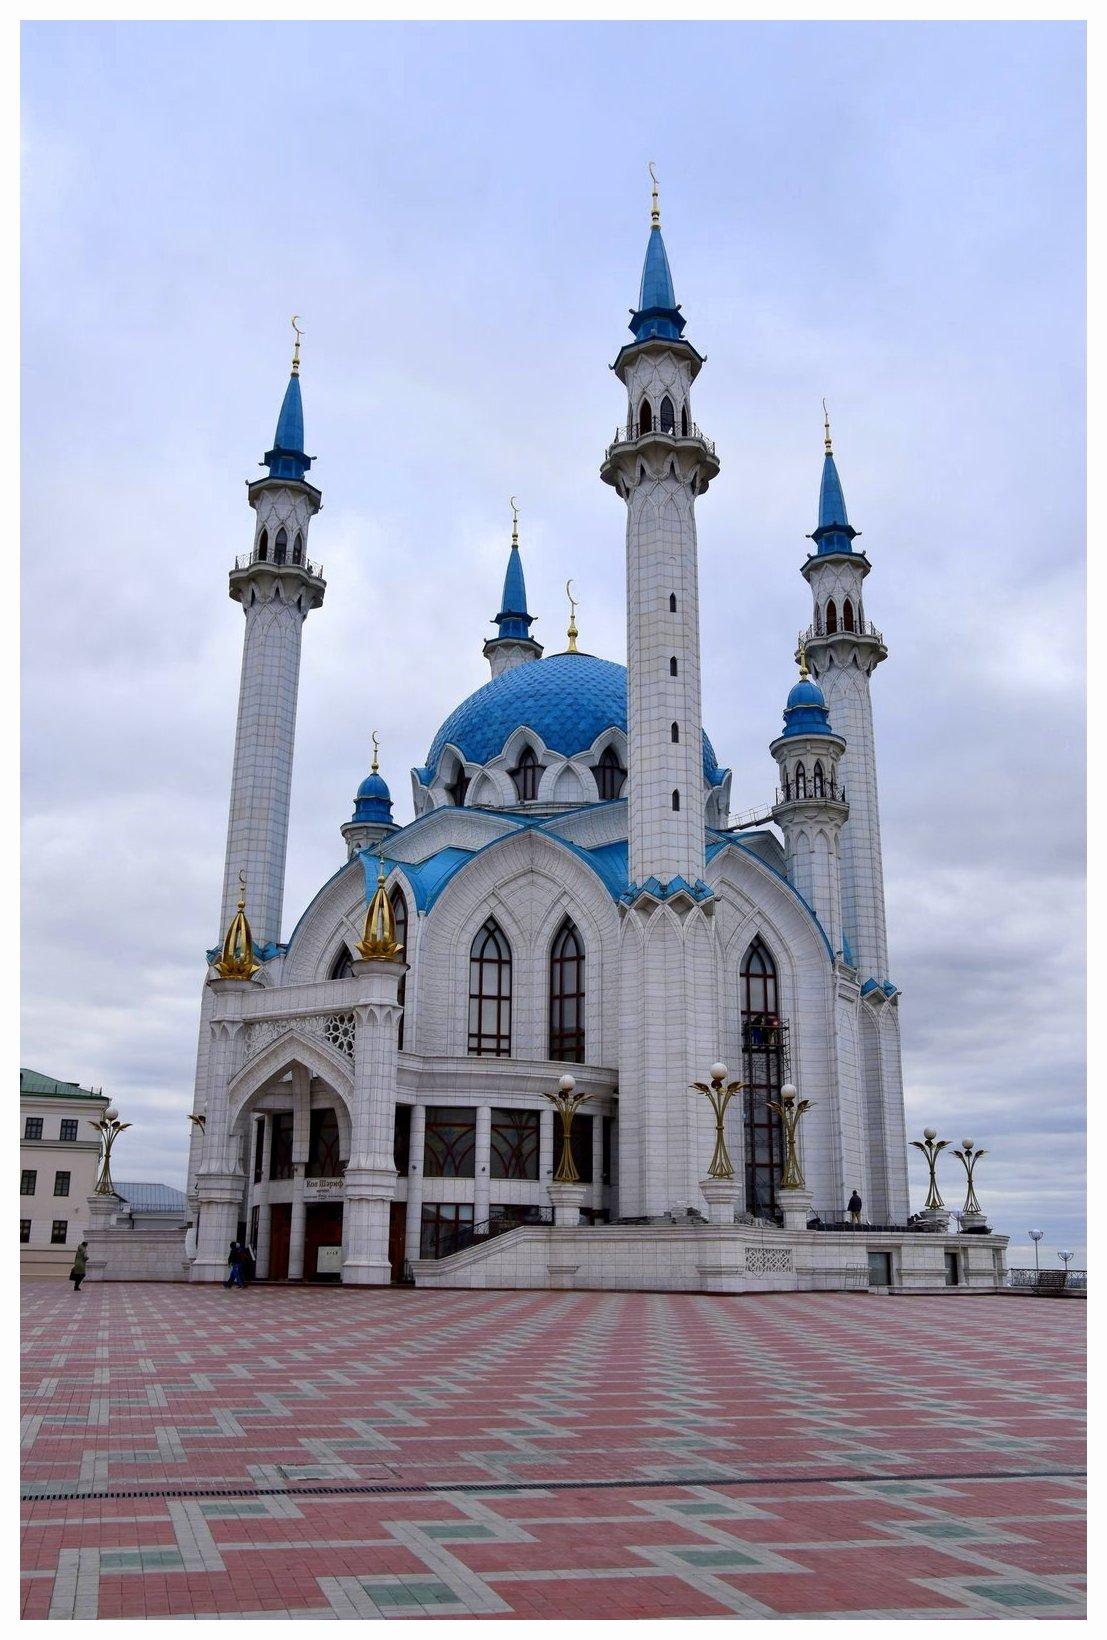 Kazan, un incontournable à voir en Russie, avec sa grande mosquée